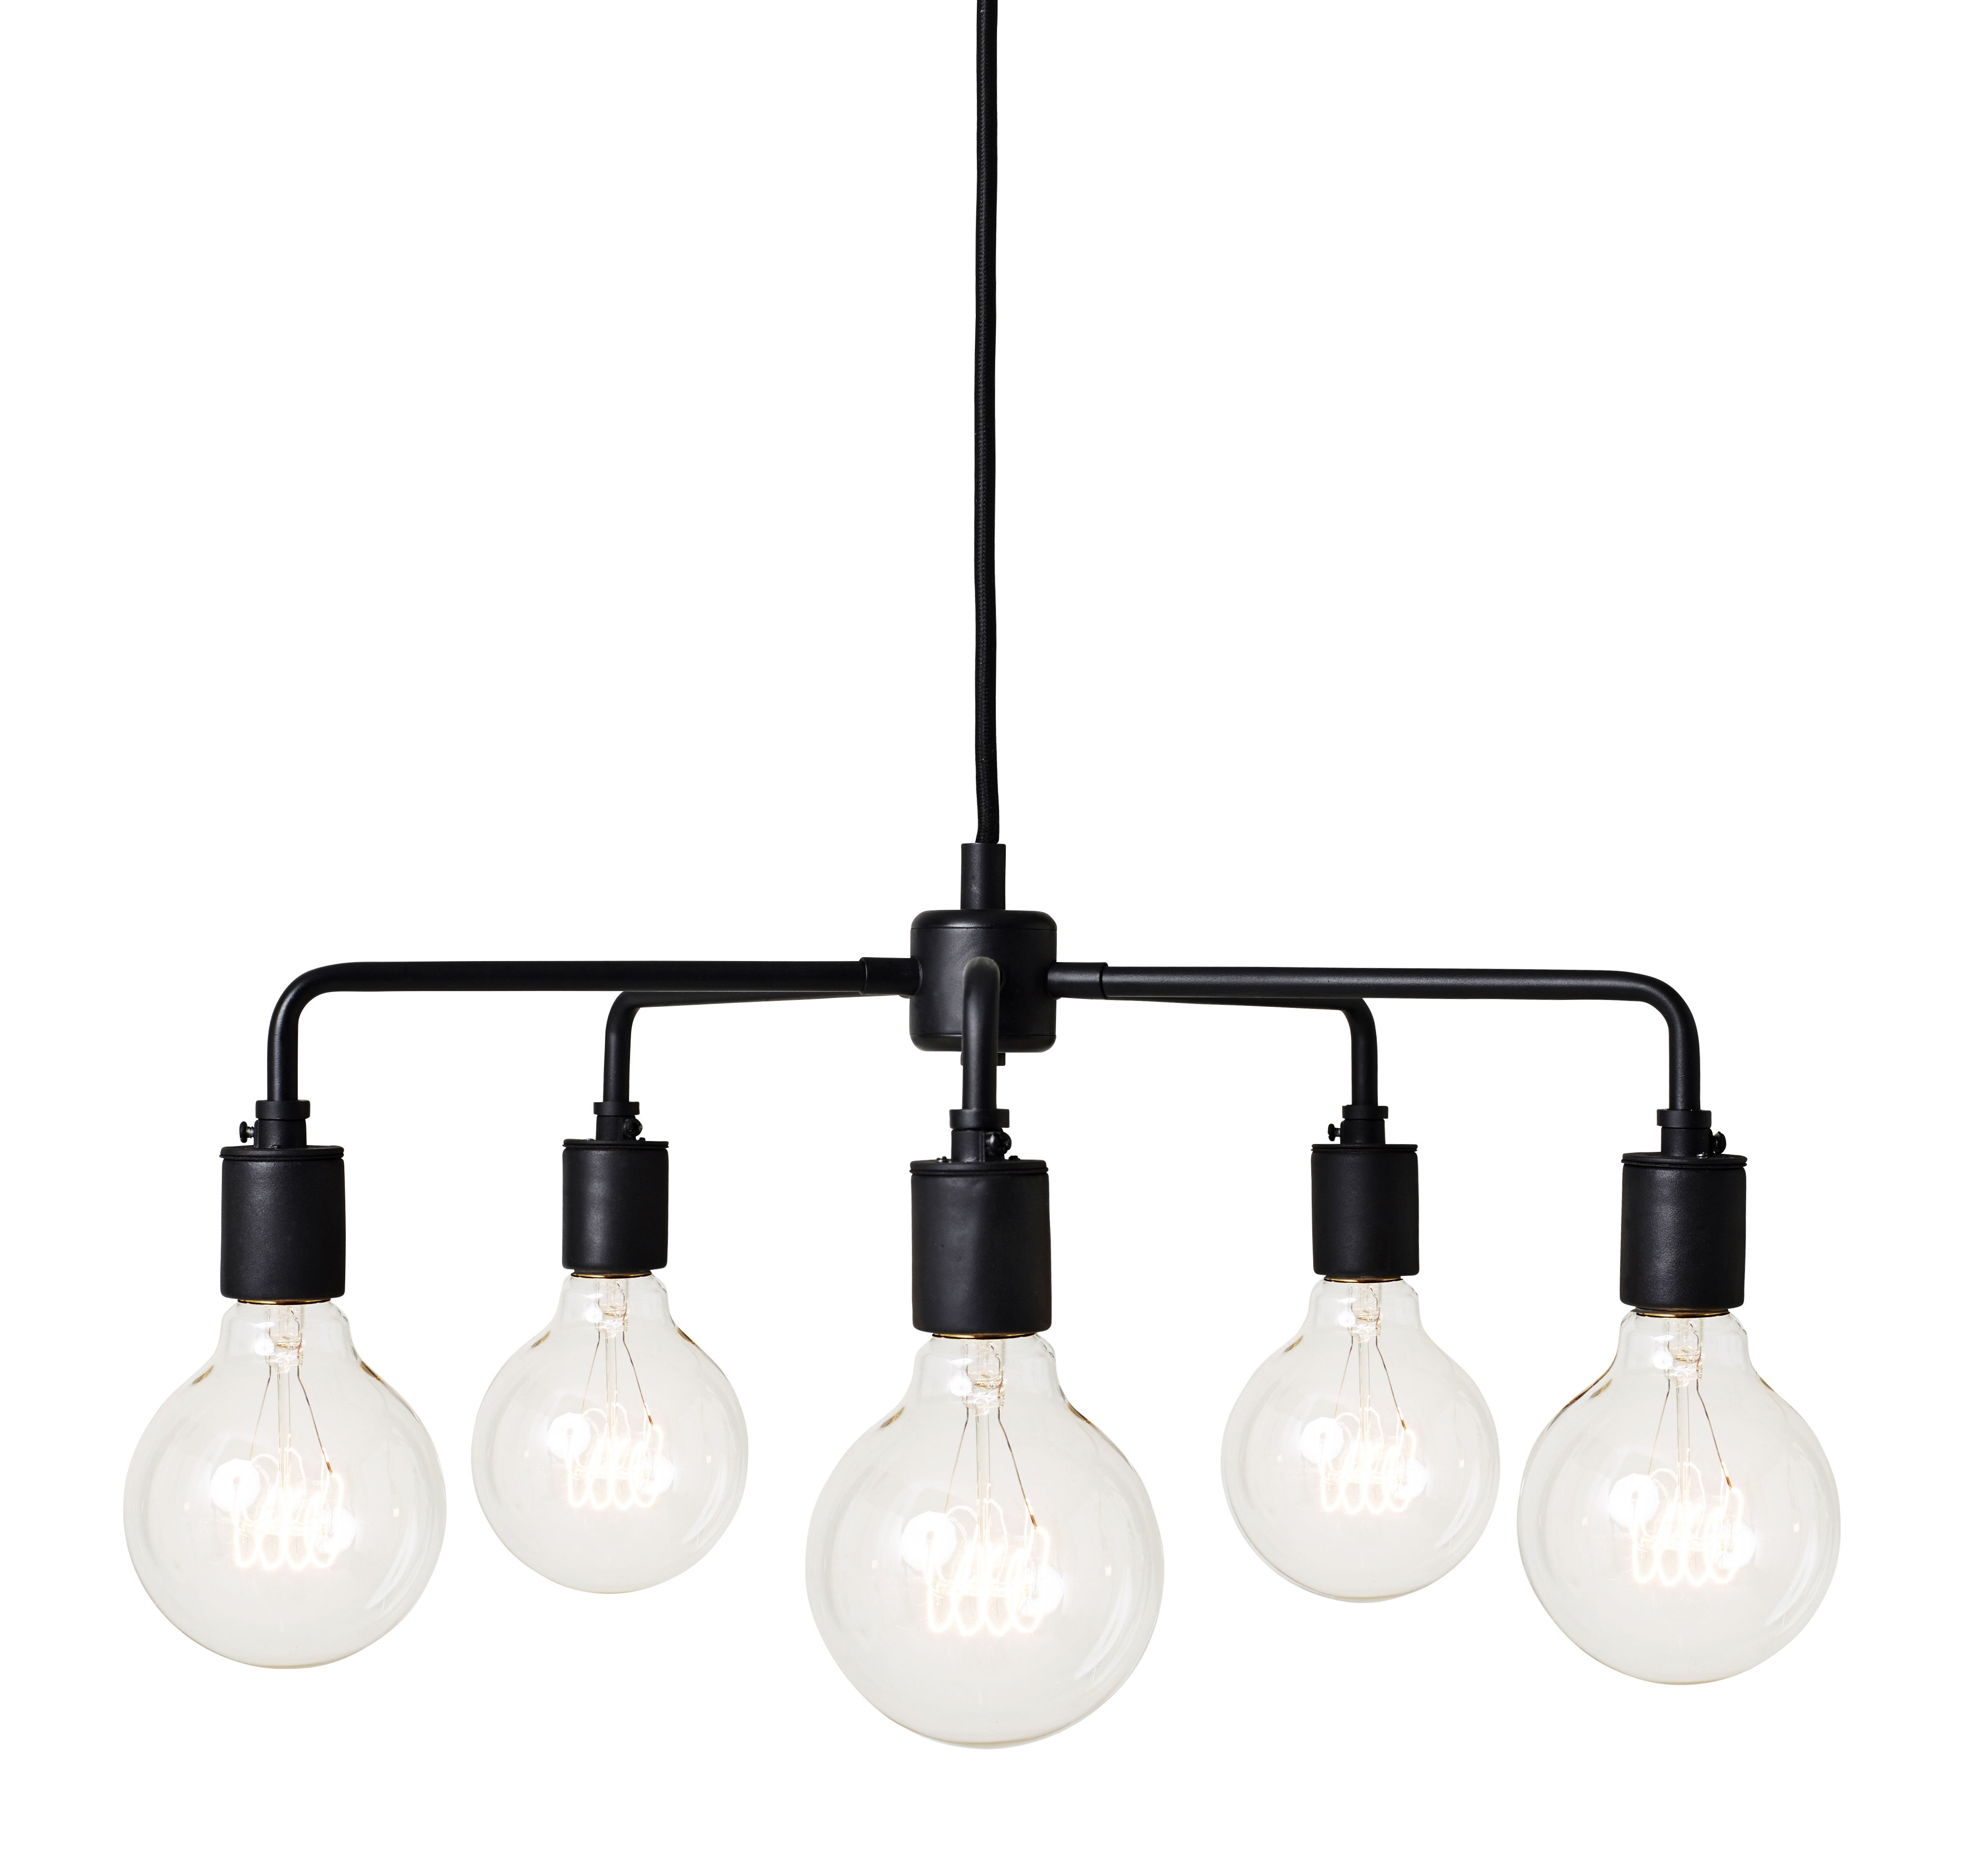 Leuchten - Pendelleuchten - Leonard Chandelier Pendelleuchte / Ø 46 cm - Menu - Schwarz - Porzellan, Stahl